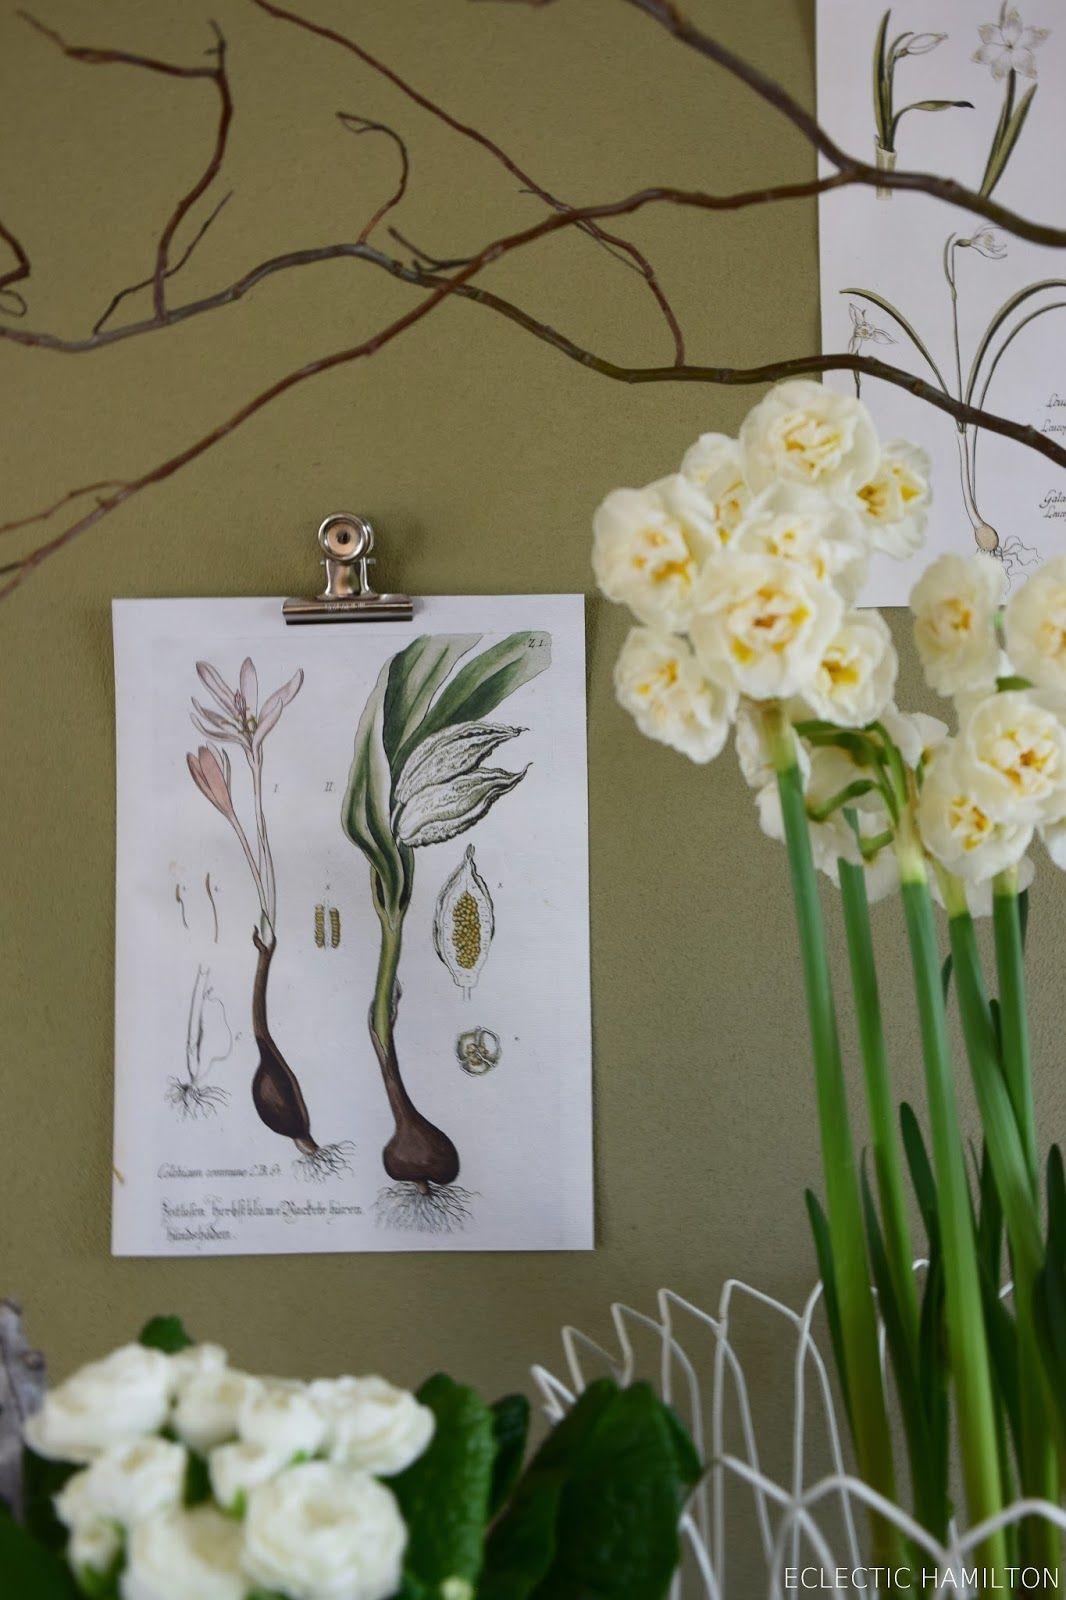 DIY Wanddeko Mit Kalenderblättern Und Brief Maul Klemme / Kreativ  Selbstgemacht Deko Dekoration Wand Wanddeko